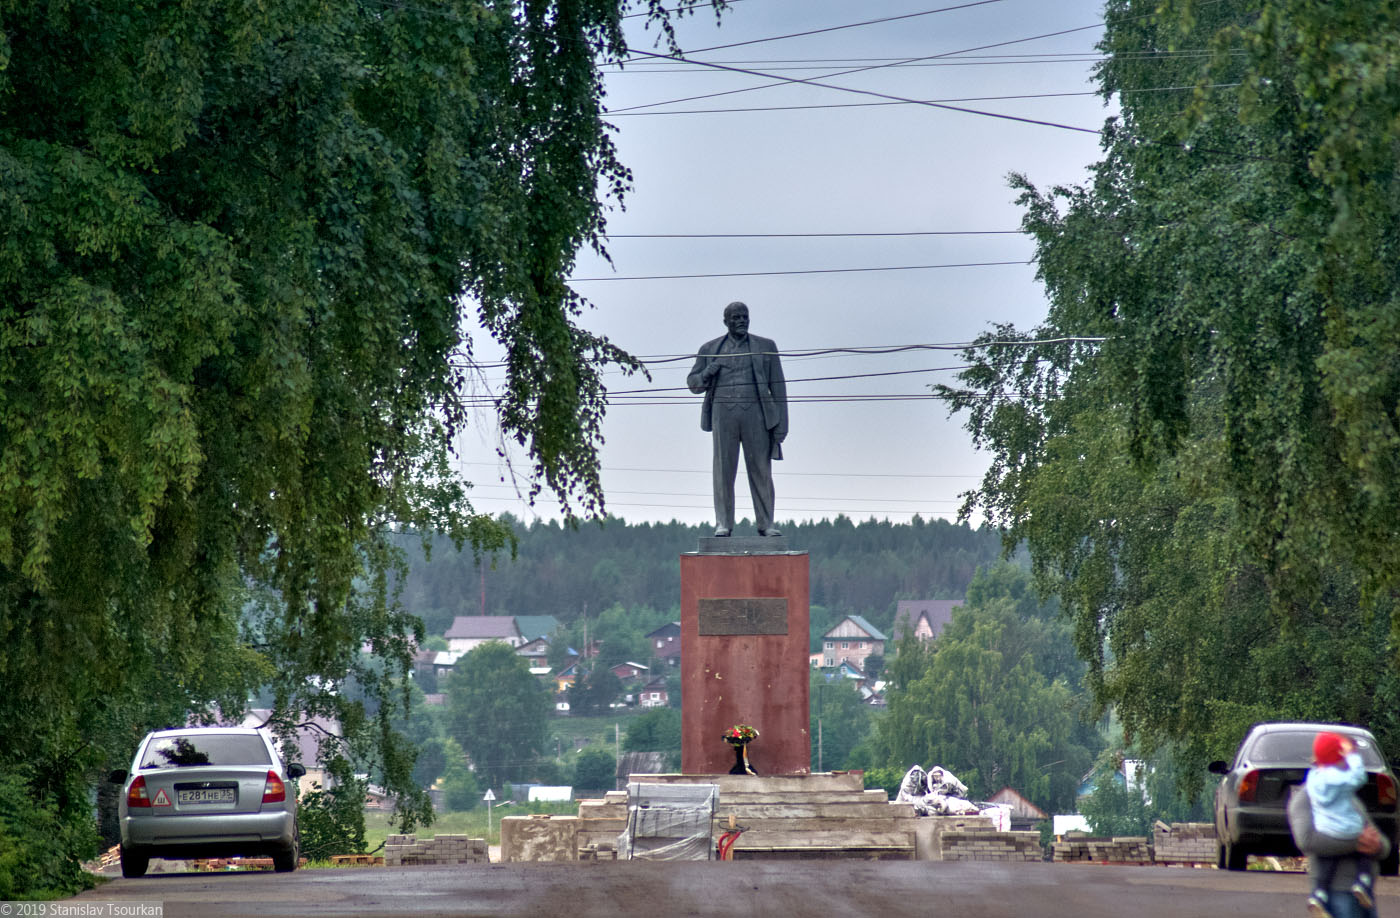 Вологодская область, Вологодчина, Великий устюг, Русский север, Ленин